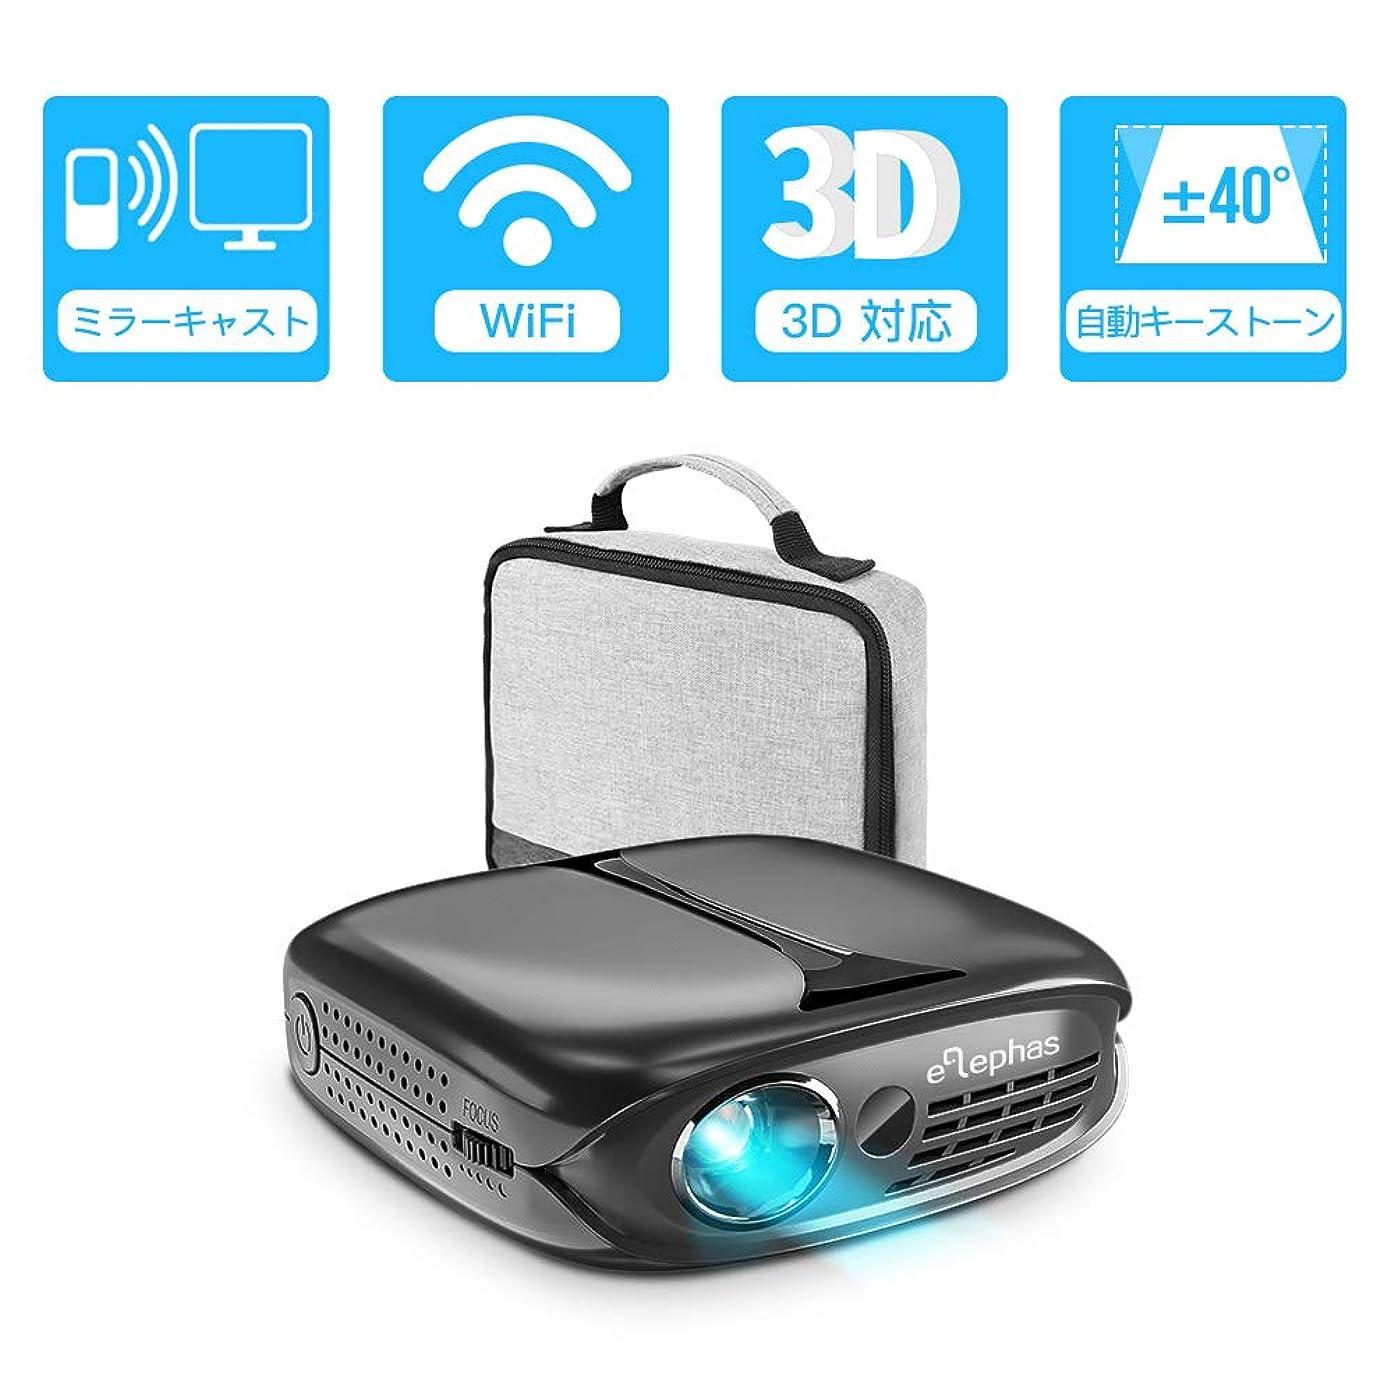 静的覚醒アニメーションELEPHAS DLPミニ 3Dプロジェクター 小型 2600lm 1080PフルHD対応 3D対応 自動台形補正 パソコン/スマホ/タブレット/ゲーム機/DVDプレイヤーなど接続可 USB/HDMI/AUDIOサポート 充電式バッテリー内蔵